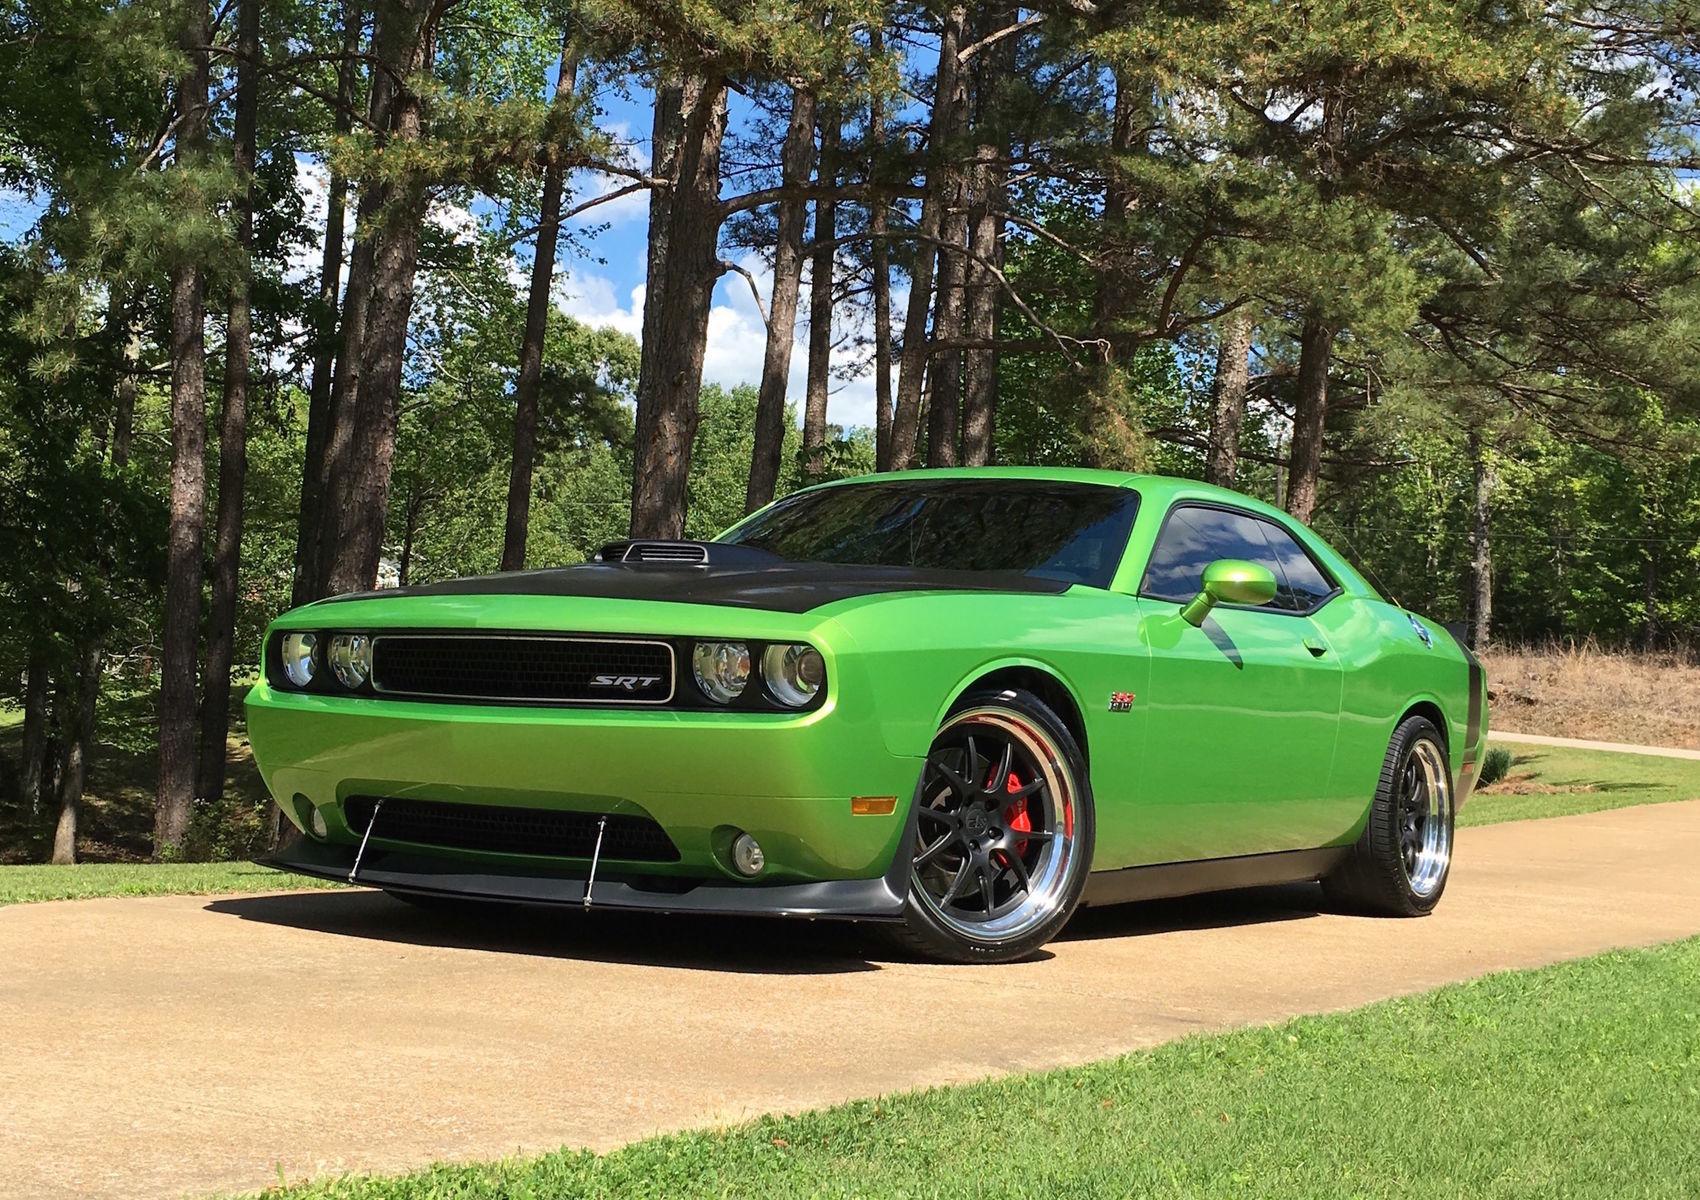 2011 Dodge Challenger | Adam Smith's Petty's Garage Hemi-Powered Dodge Challenger on Forgeline GA3 Wheels